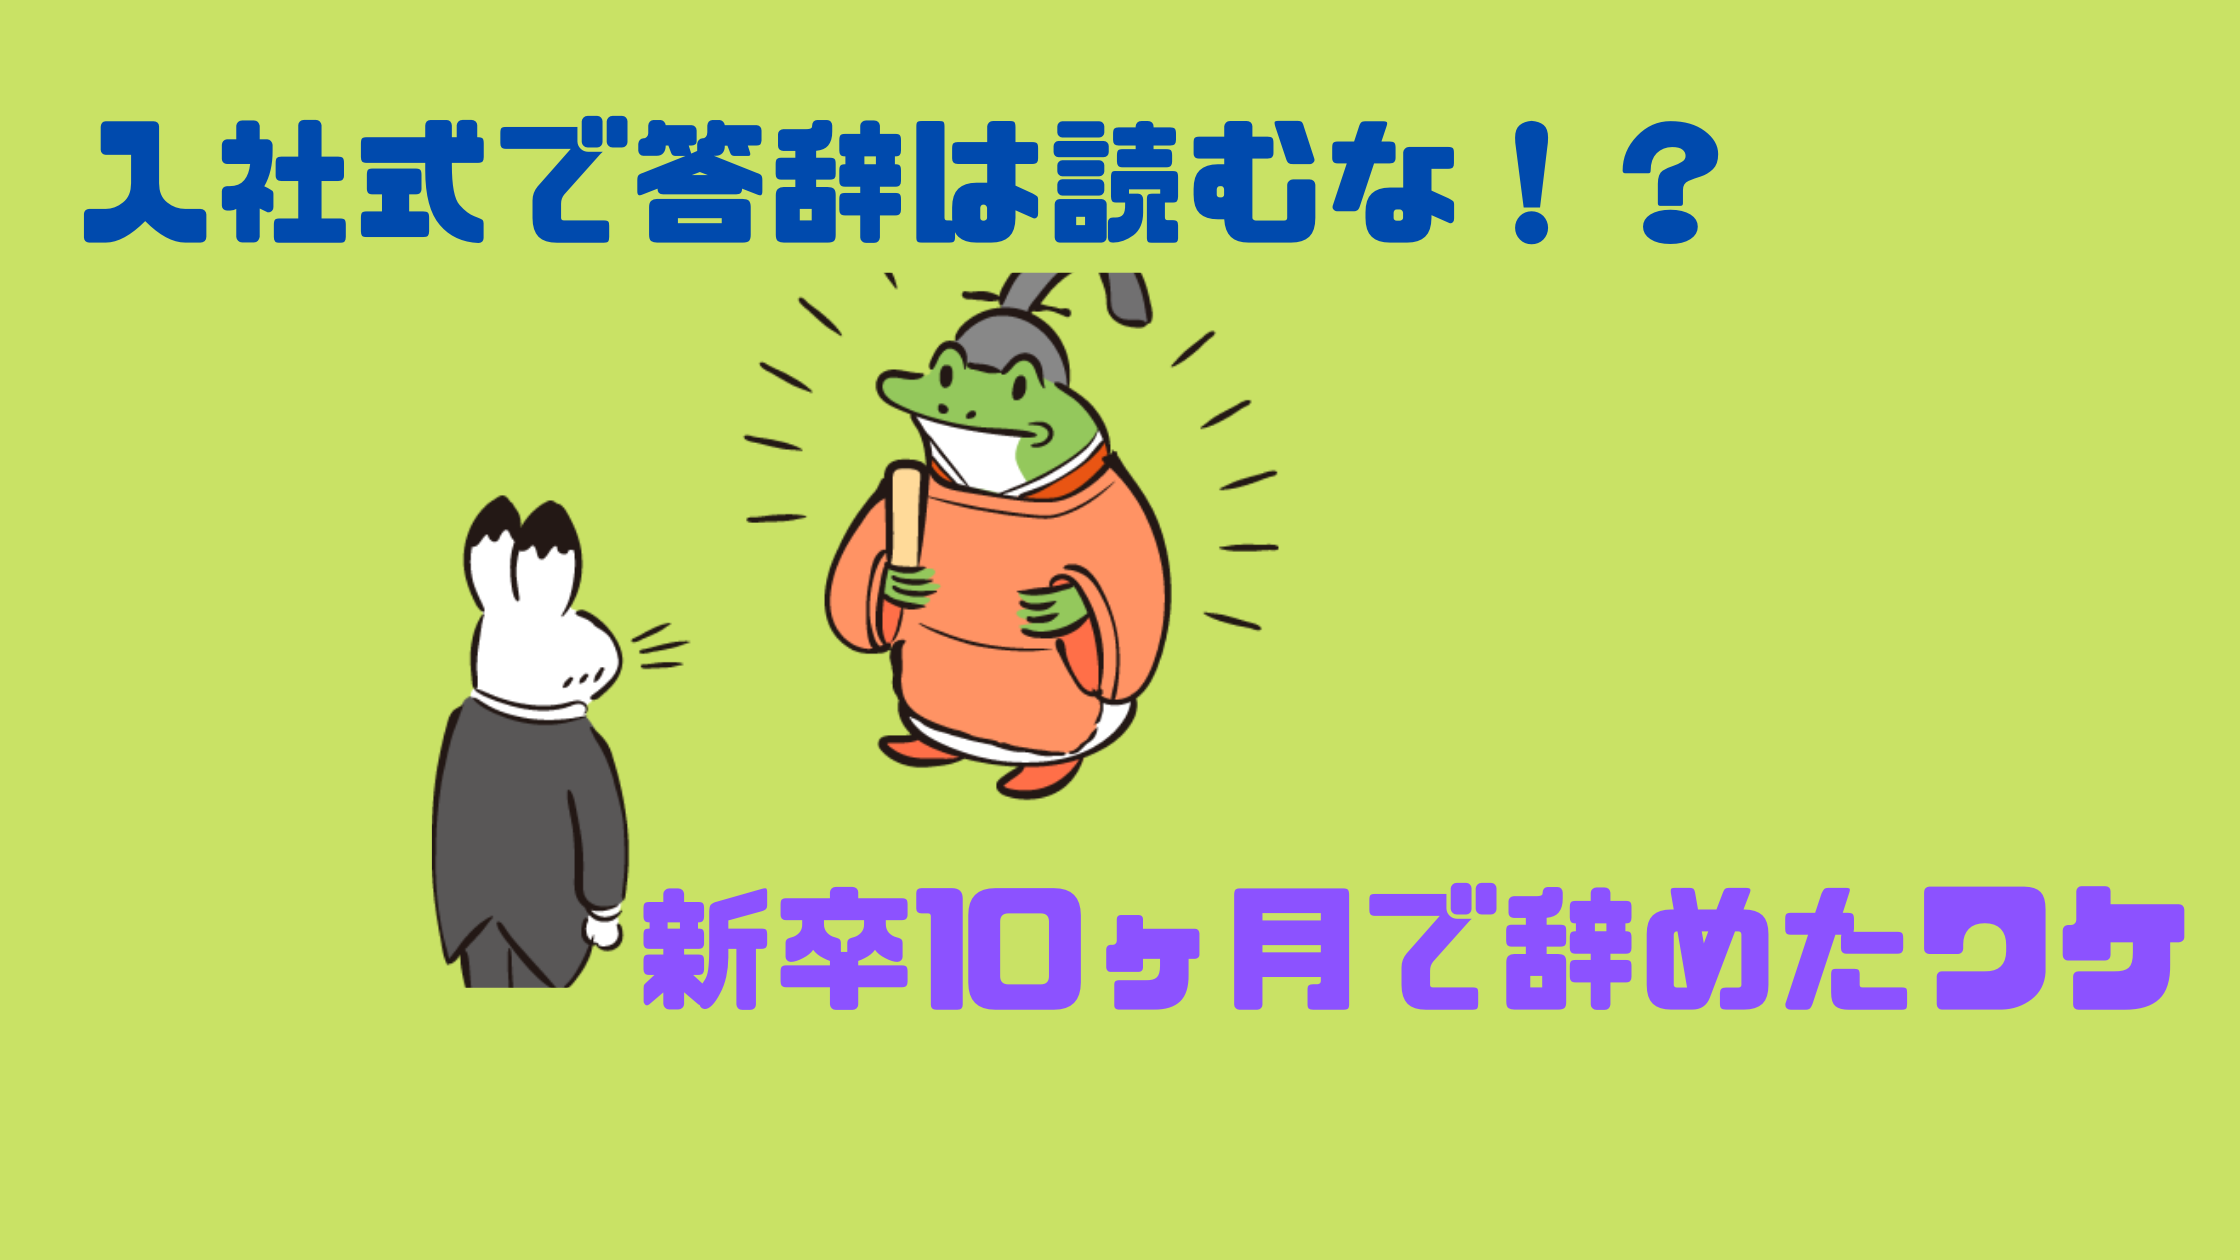 【実体験】入社式で答辞は読むな!?新卒10ヶ月で辞めたワケ